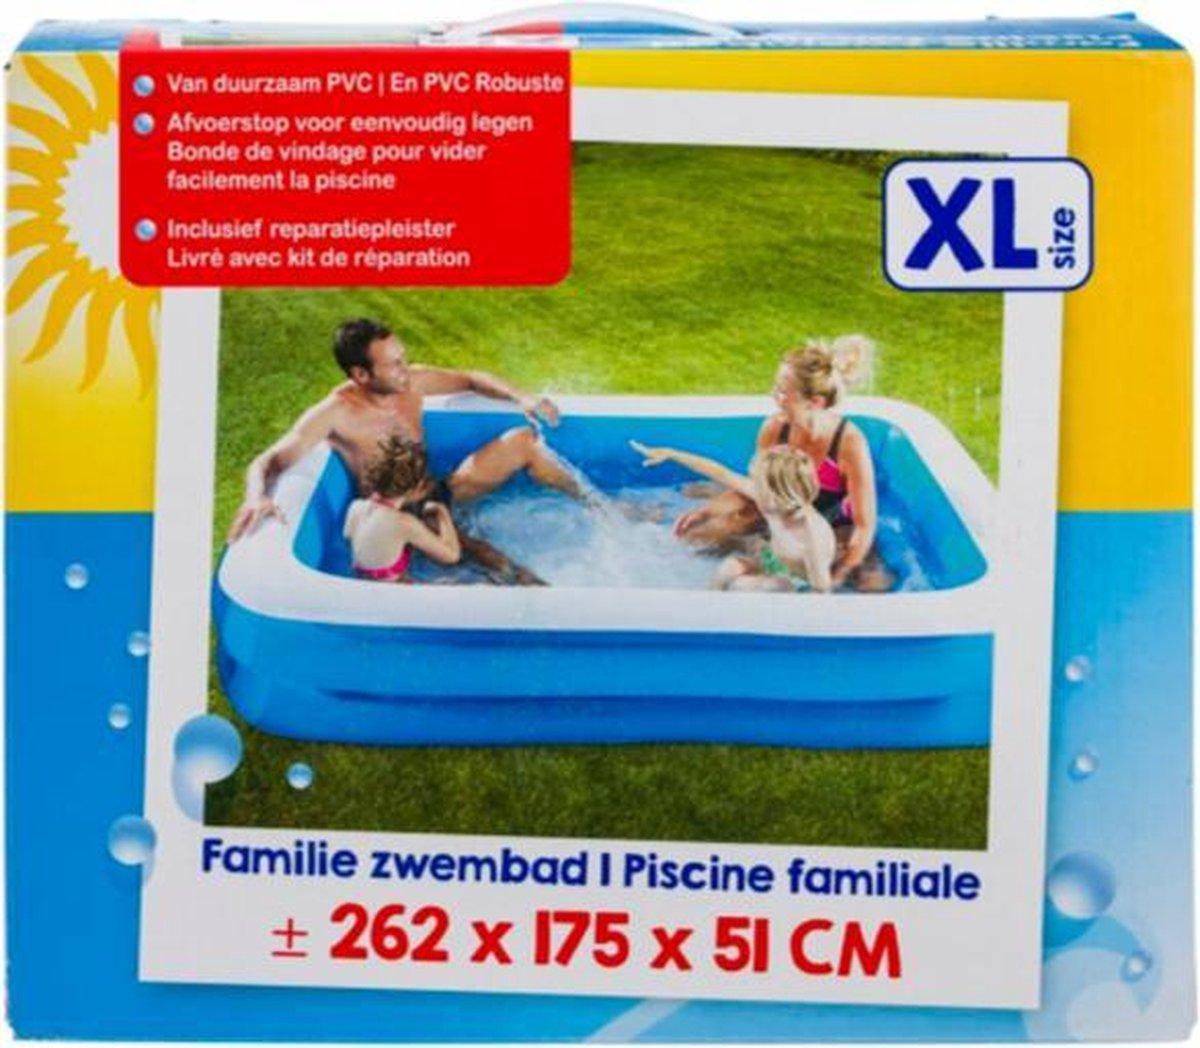 familie zwembad XL size 262 x 175 x 51 met XL size afdekzeil geschikt voor 262 x 175 x 51cm